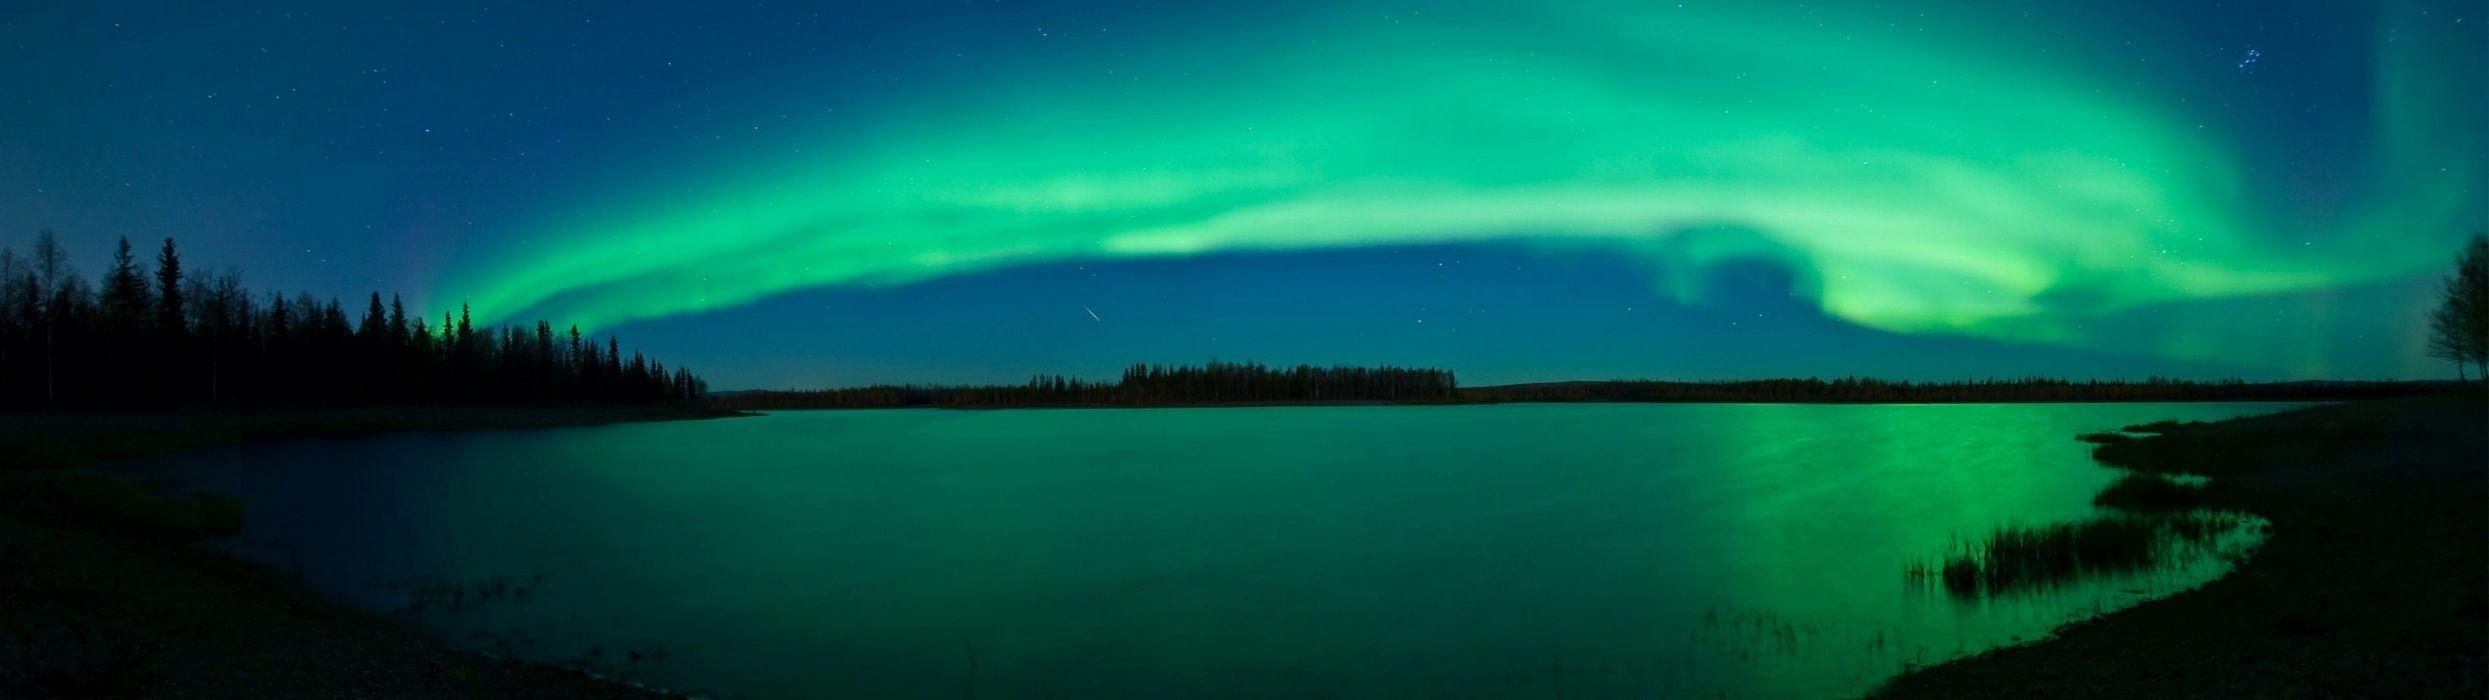 aurora borealis lakes wallpaper